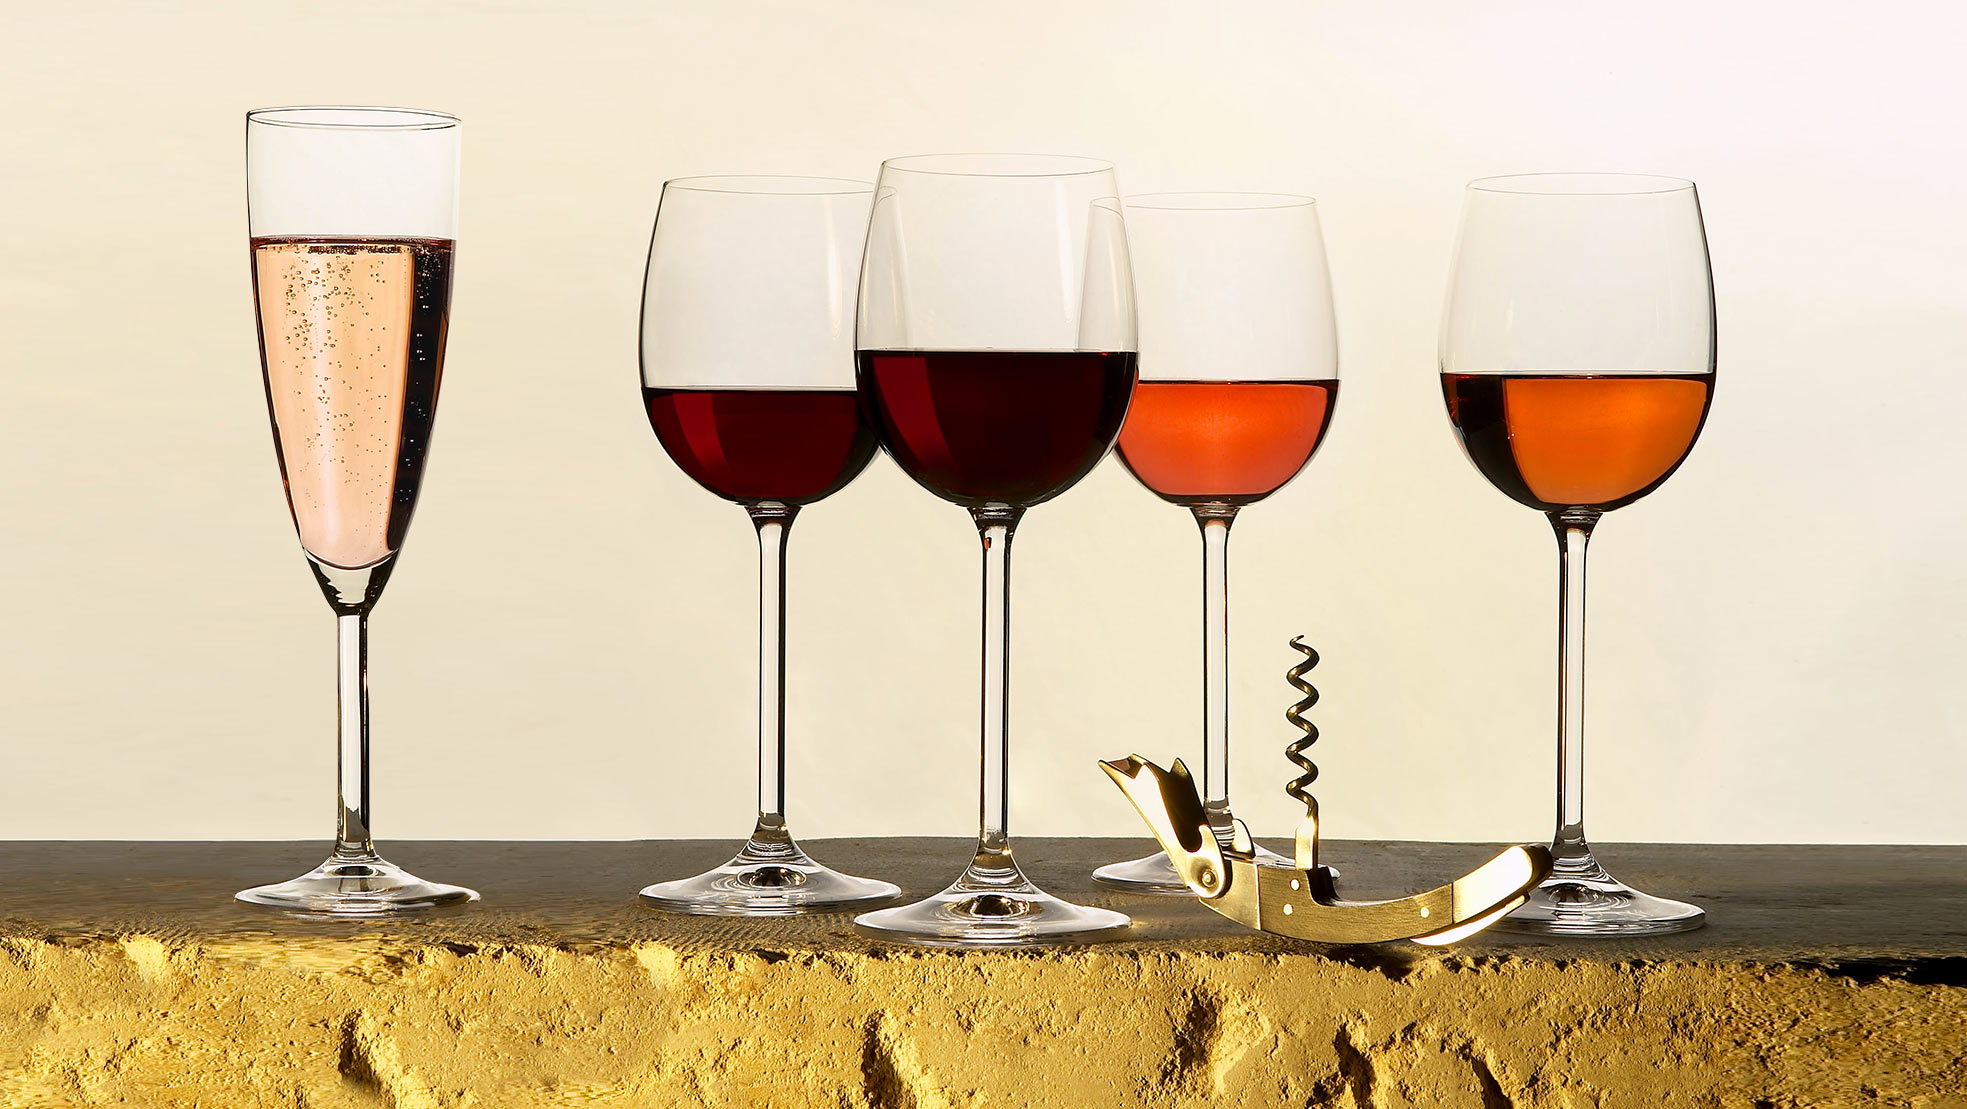 Verres de vins rouges et rosés de Loire